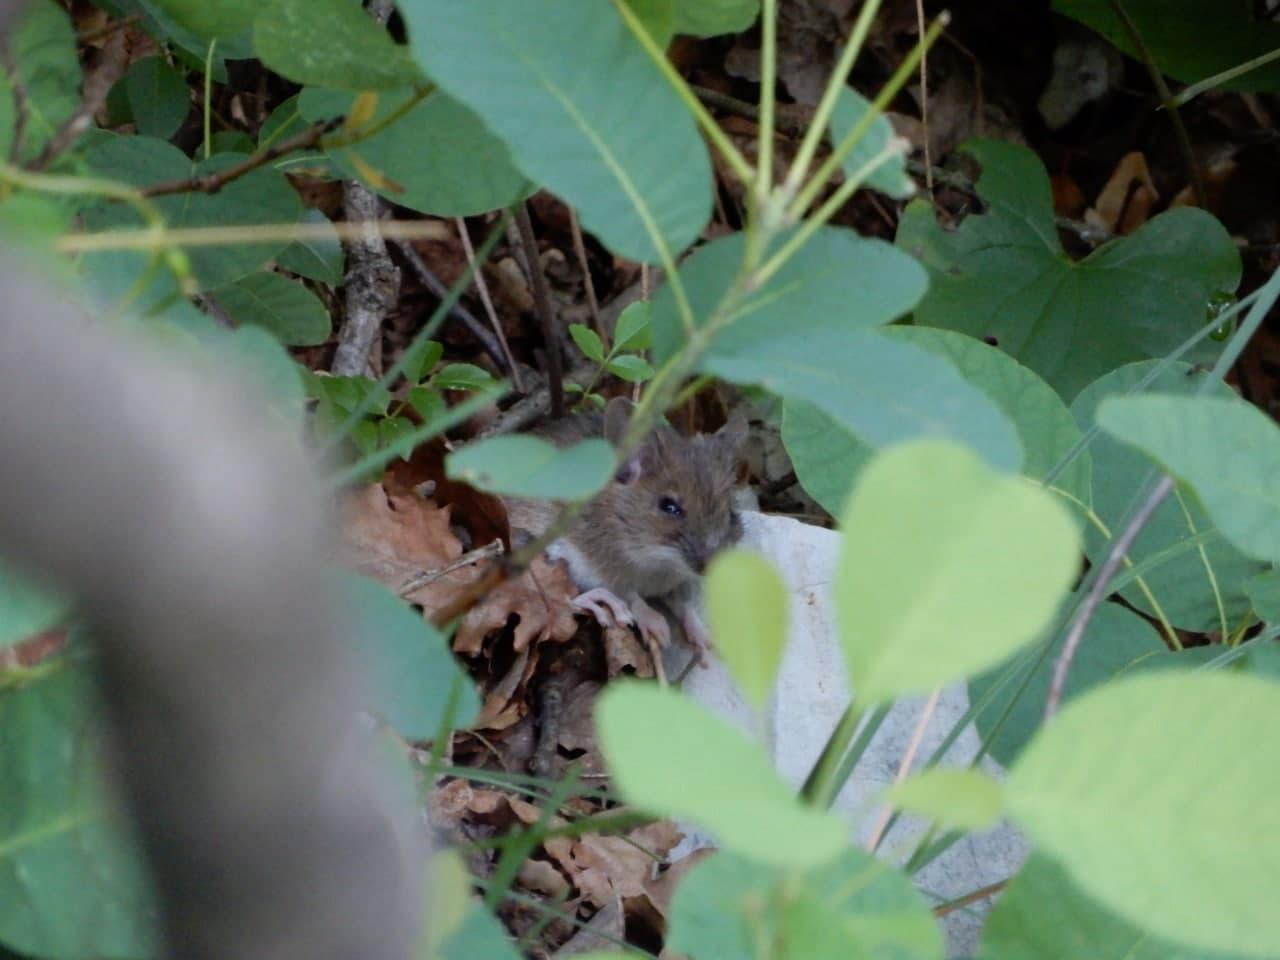 Topo comune (Mus musculus)